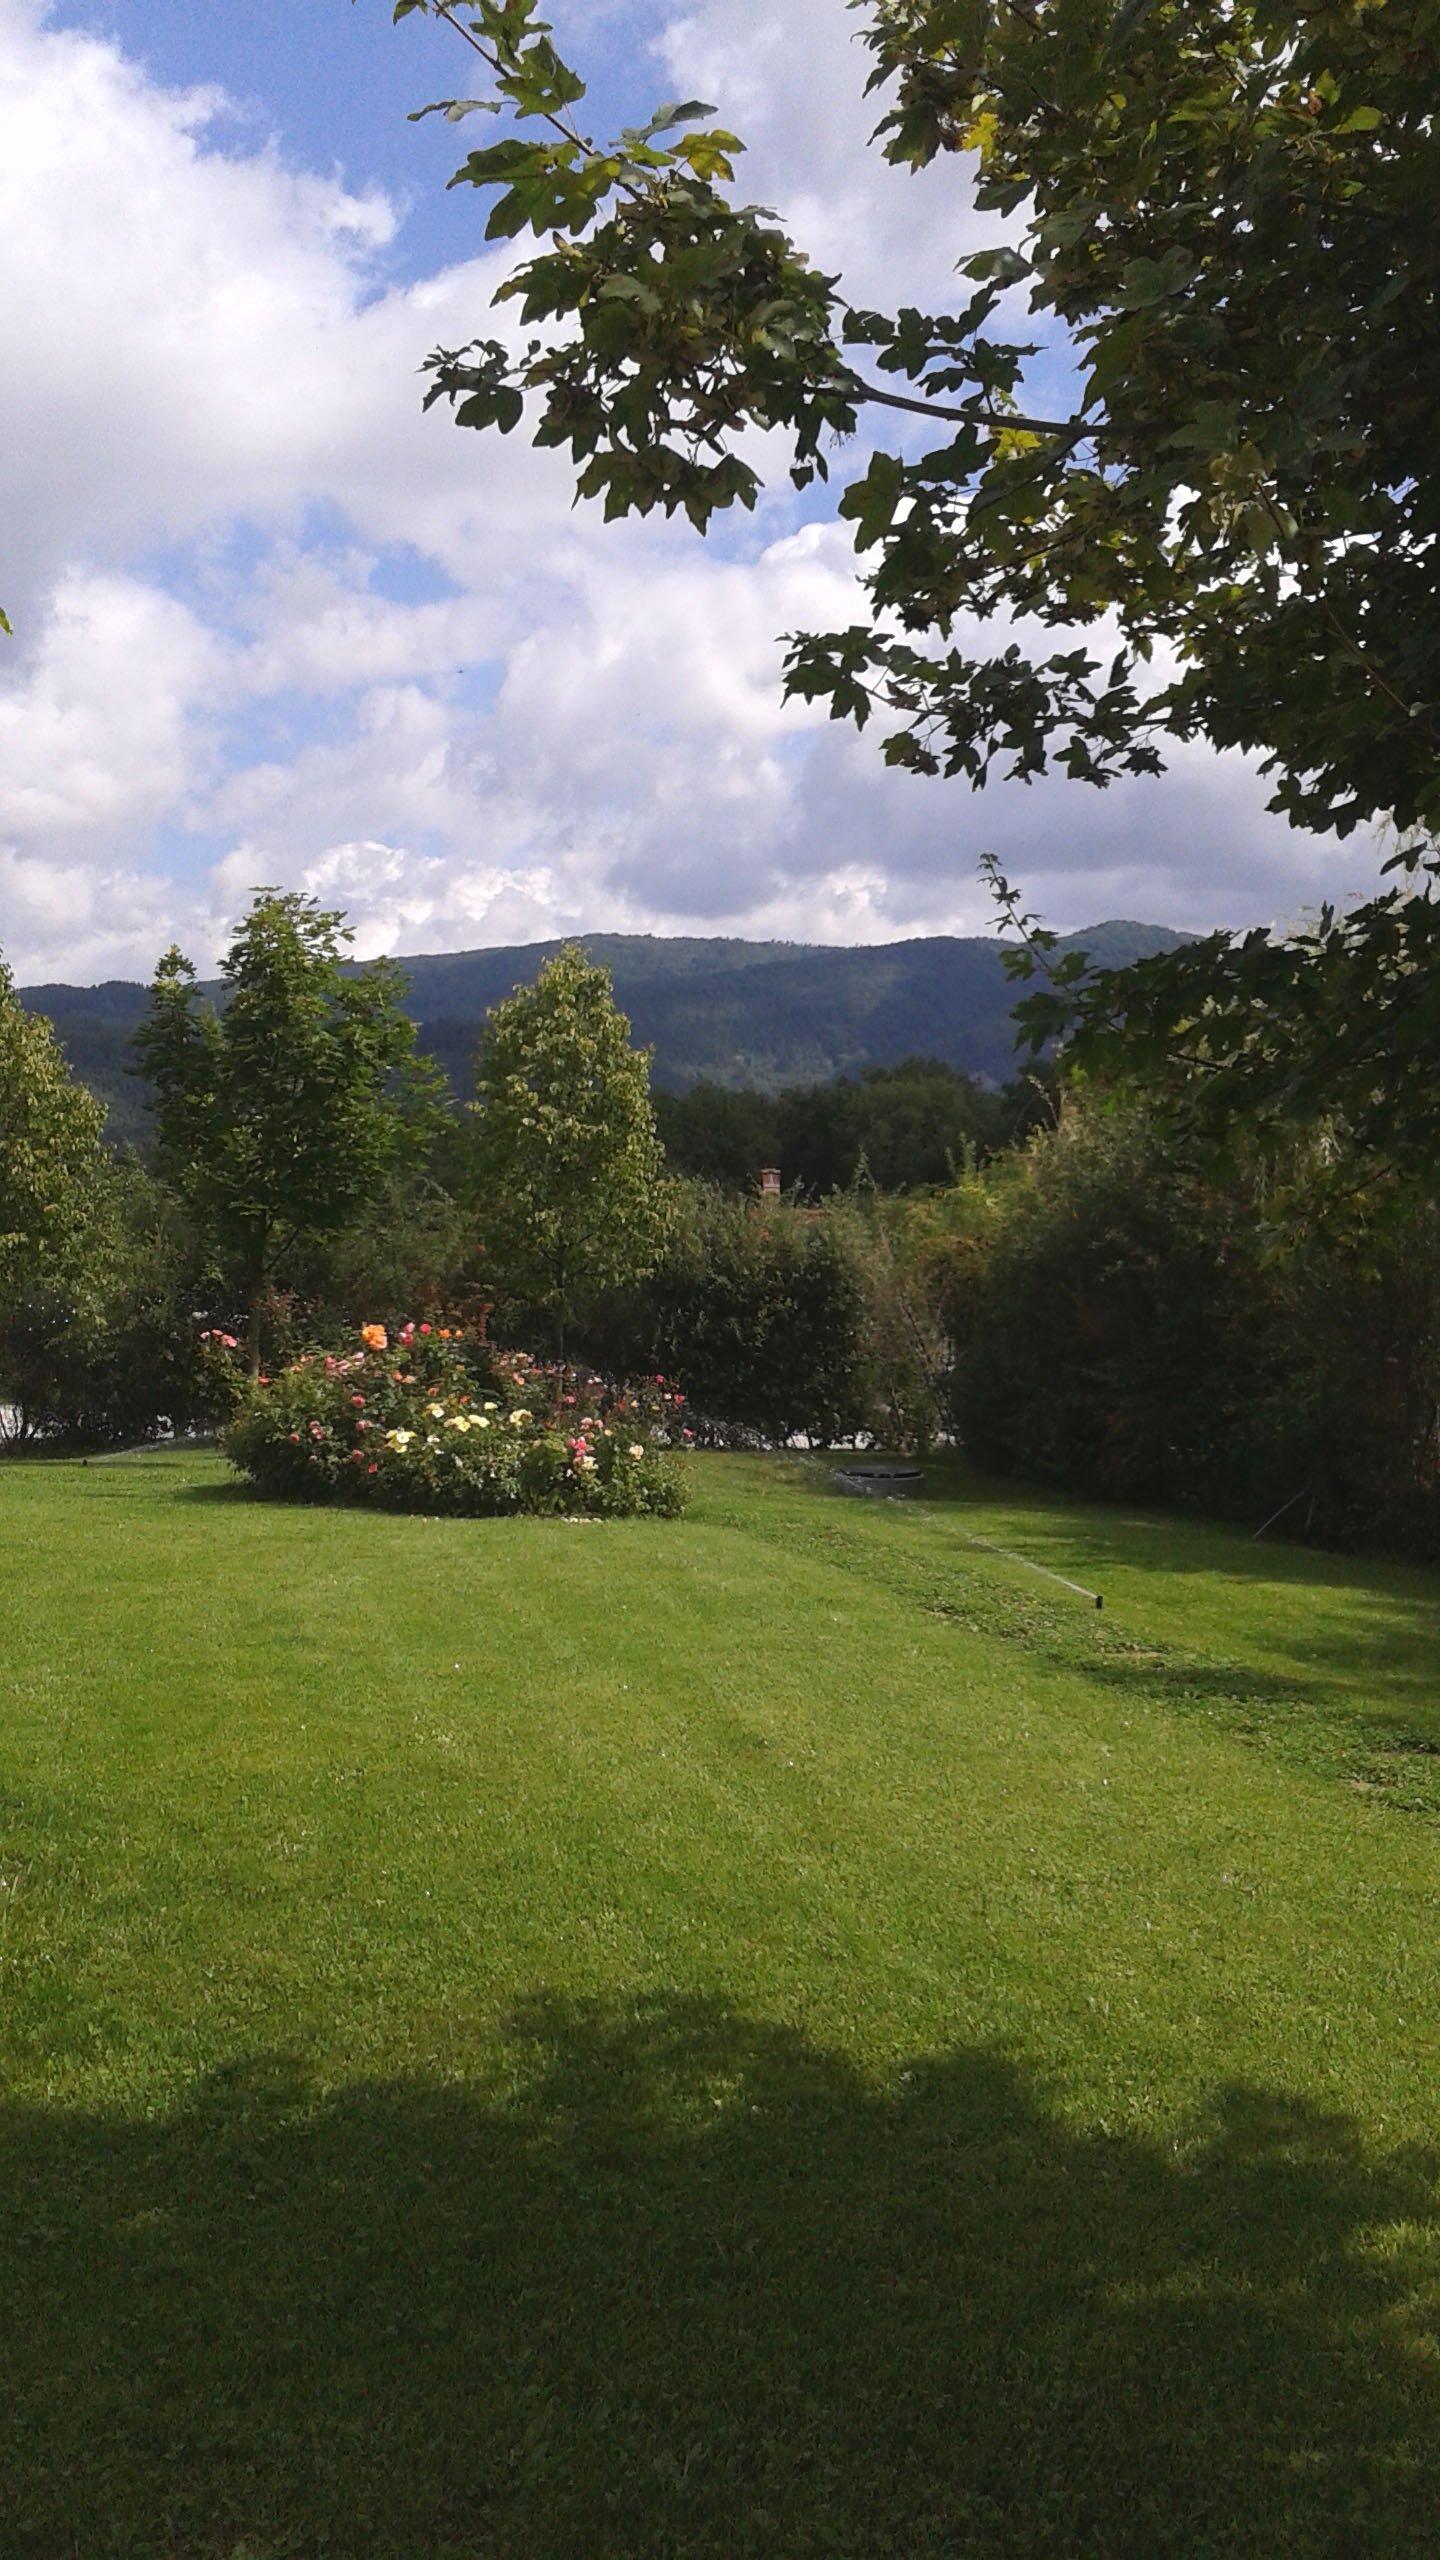 angolo di giardino privato